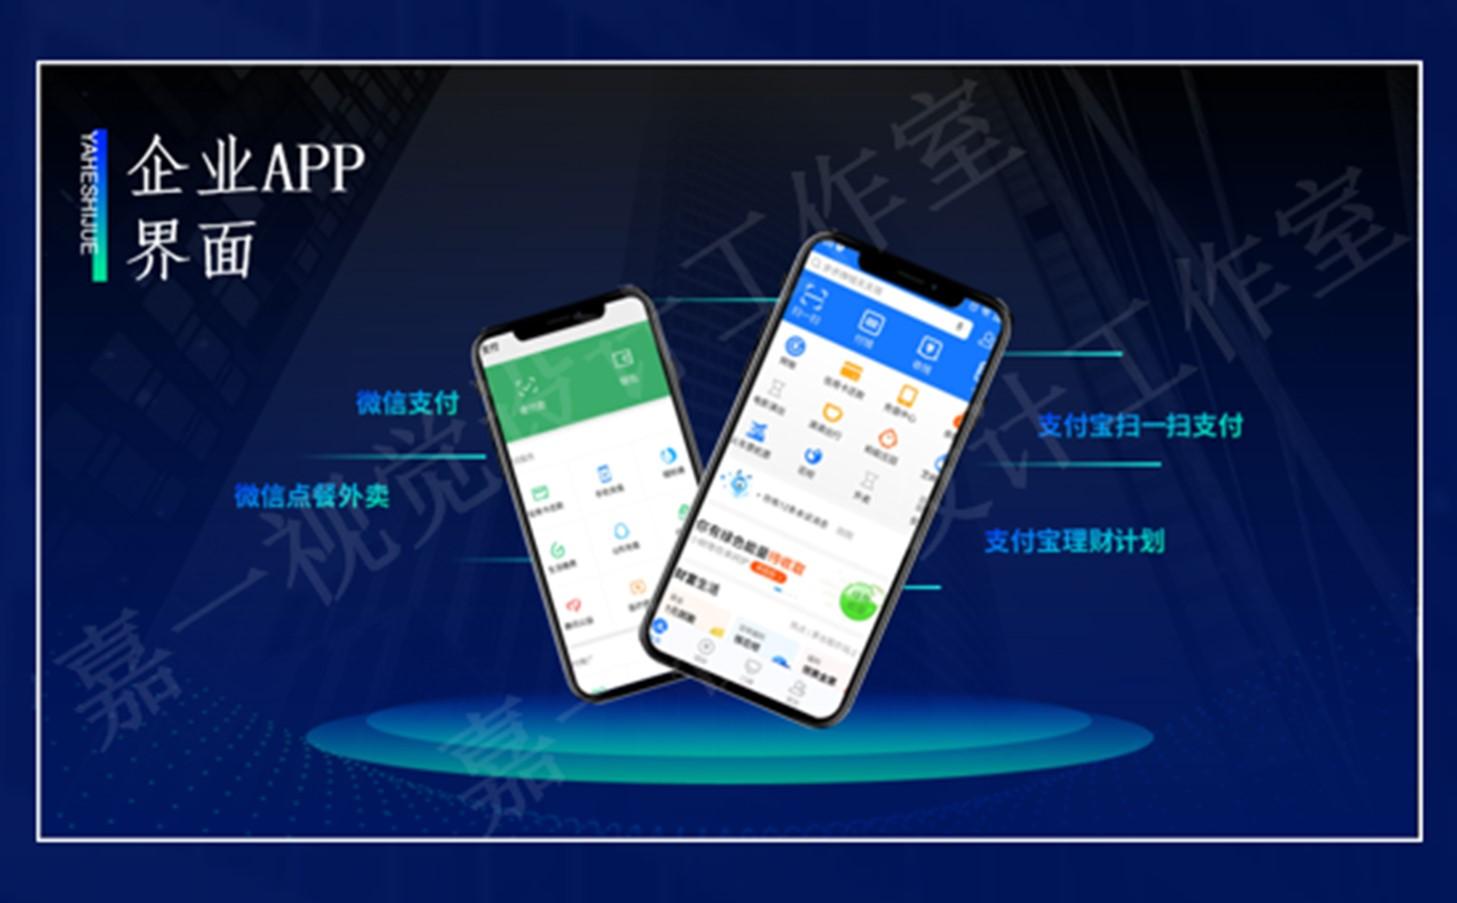 遼源市ppt制作公司-專業PPT代做-追求品質